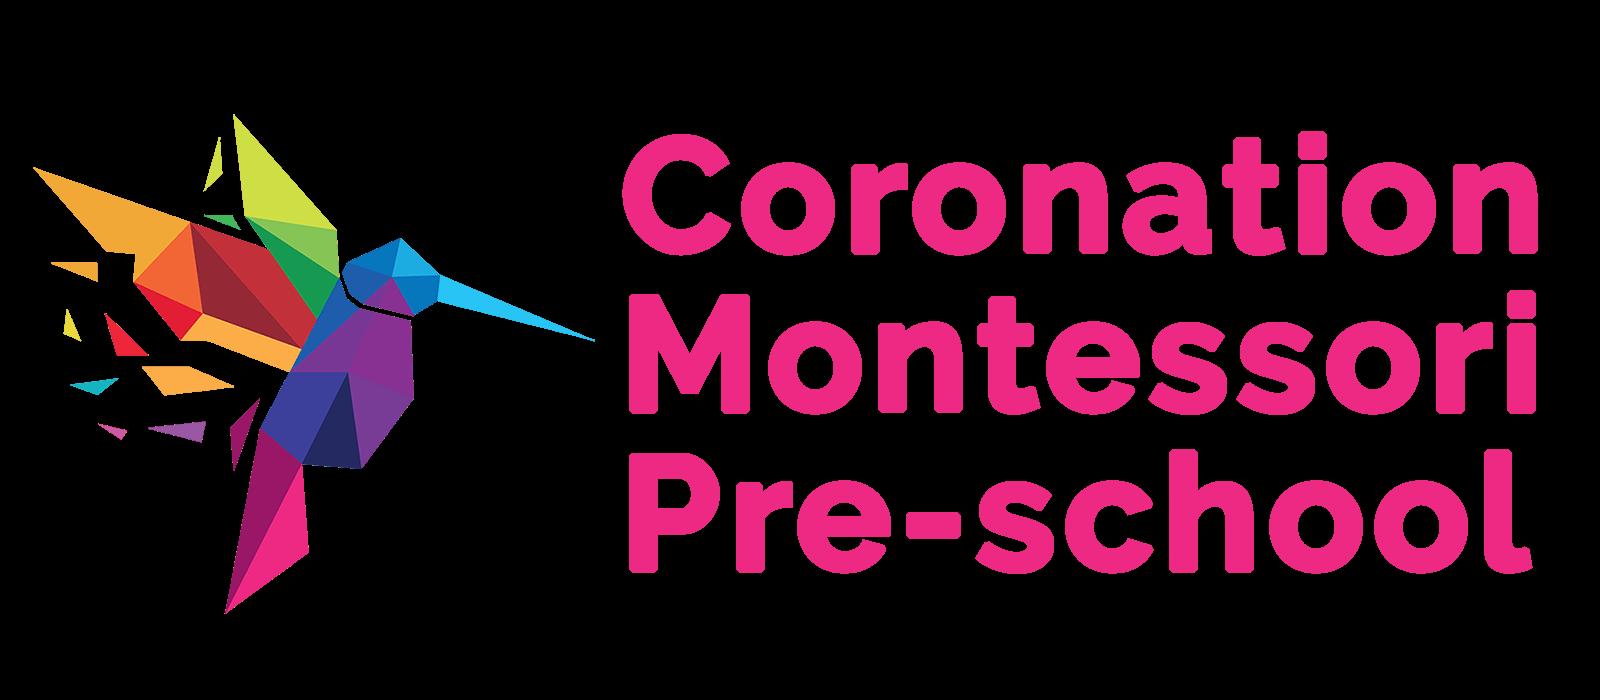 Coronation Montessori Pre-School